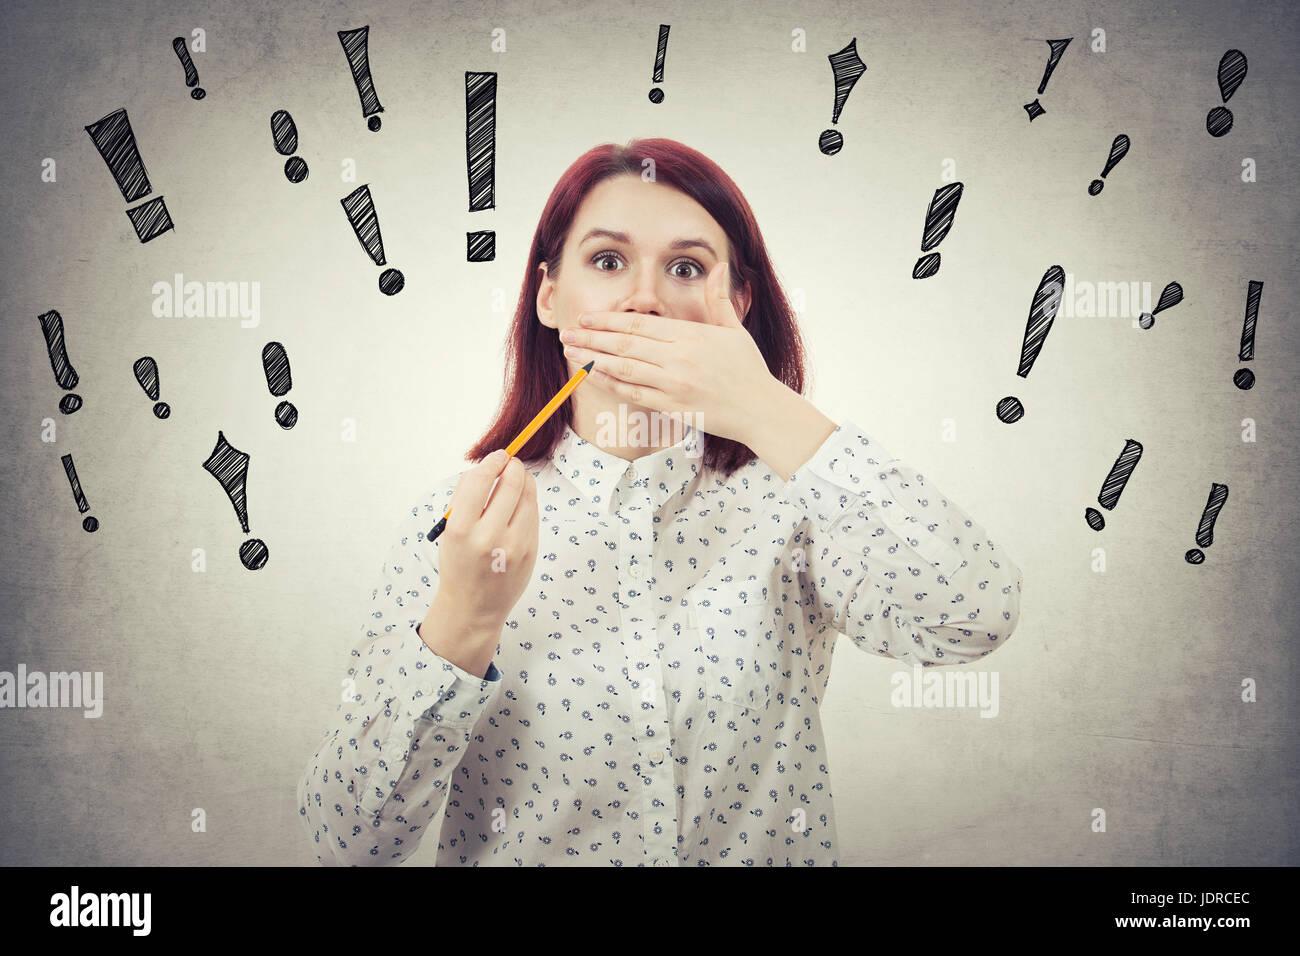 Scioccato e timida ragazzina che copre la bocca con la mano per cercare di nascondere la faccia th espressione, Immagini Stock